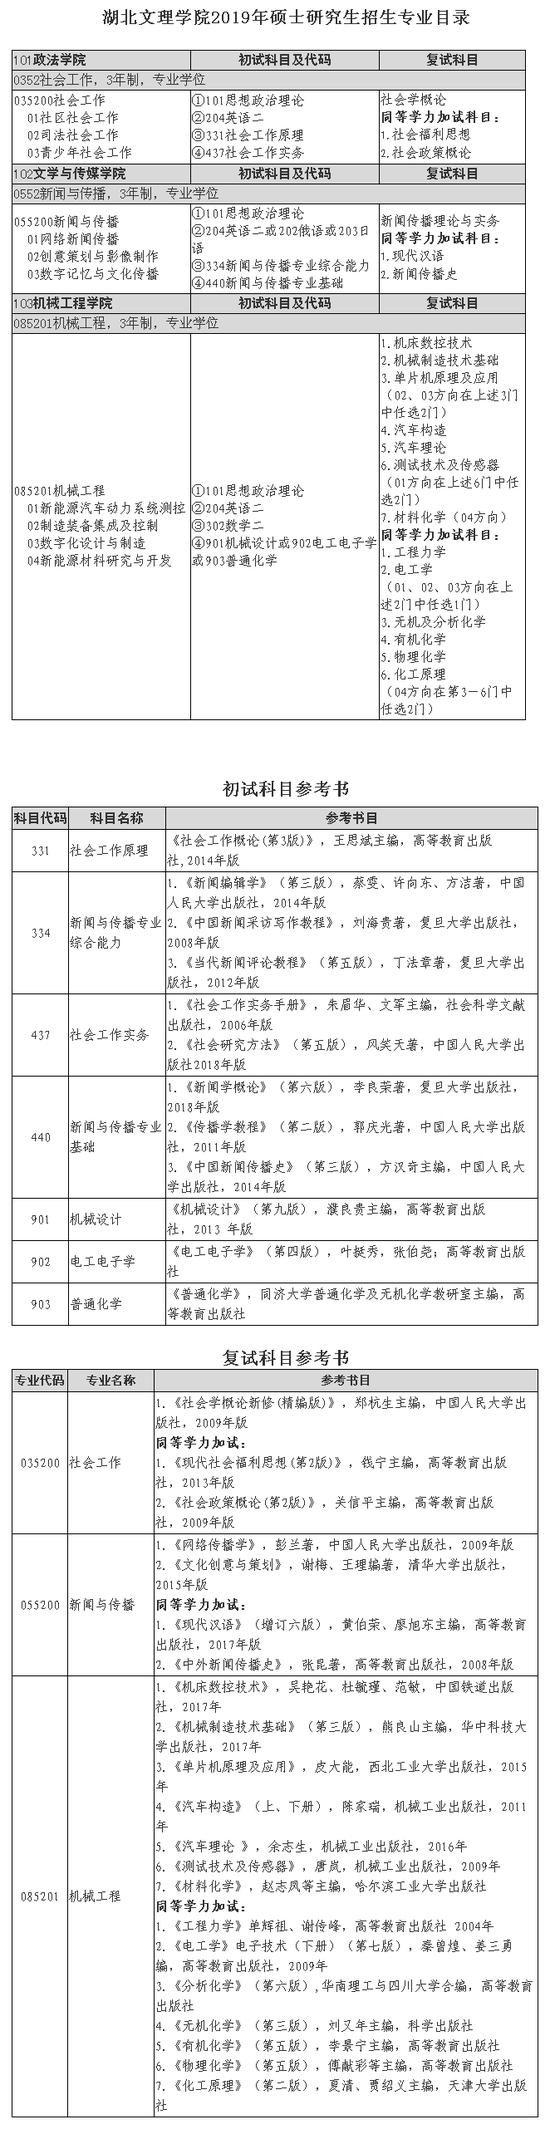 湖北文理学院2019年硕士研究生招生简章